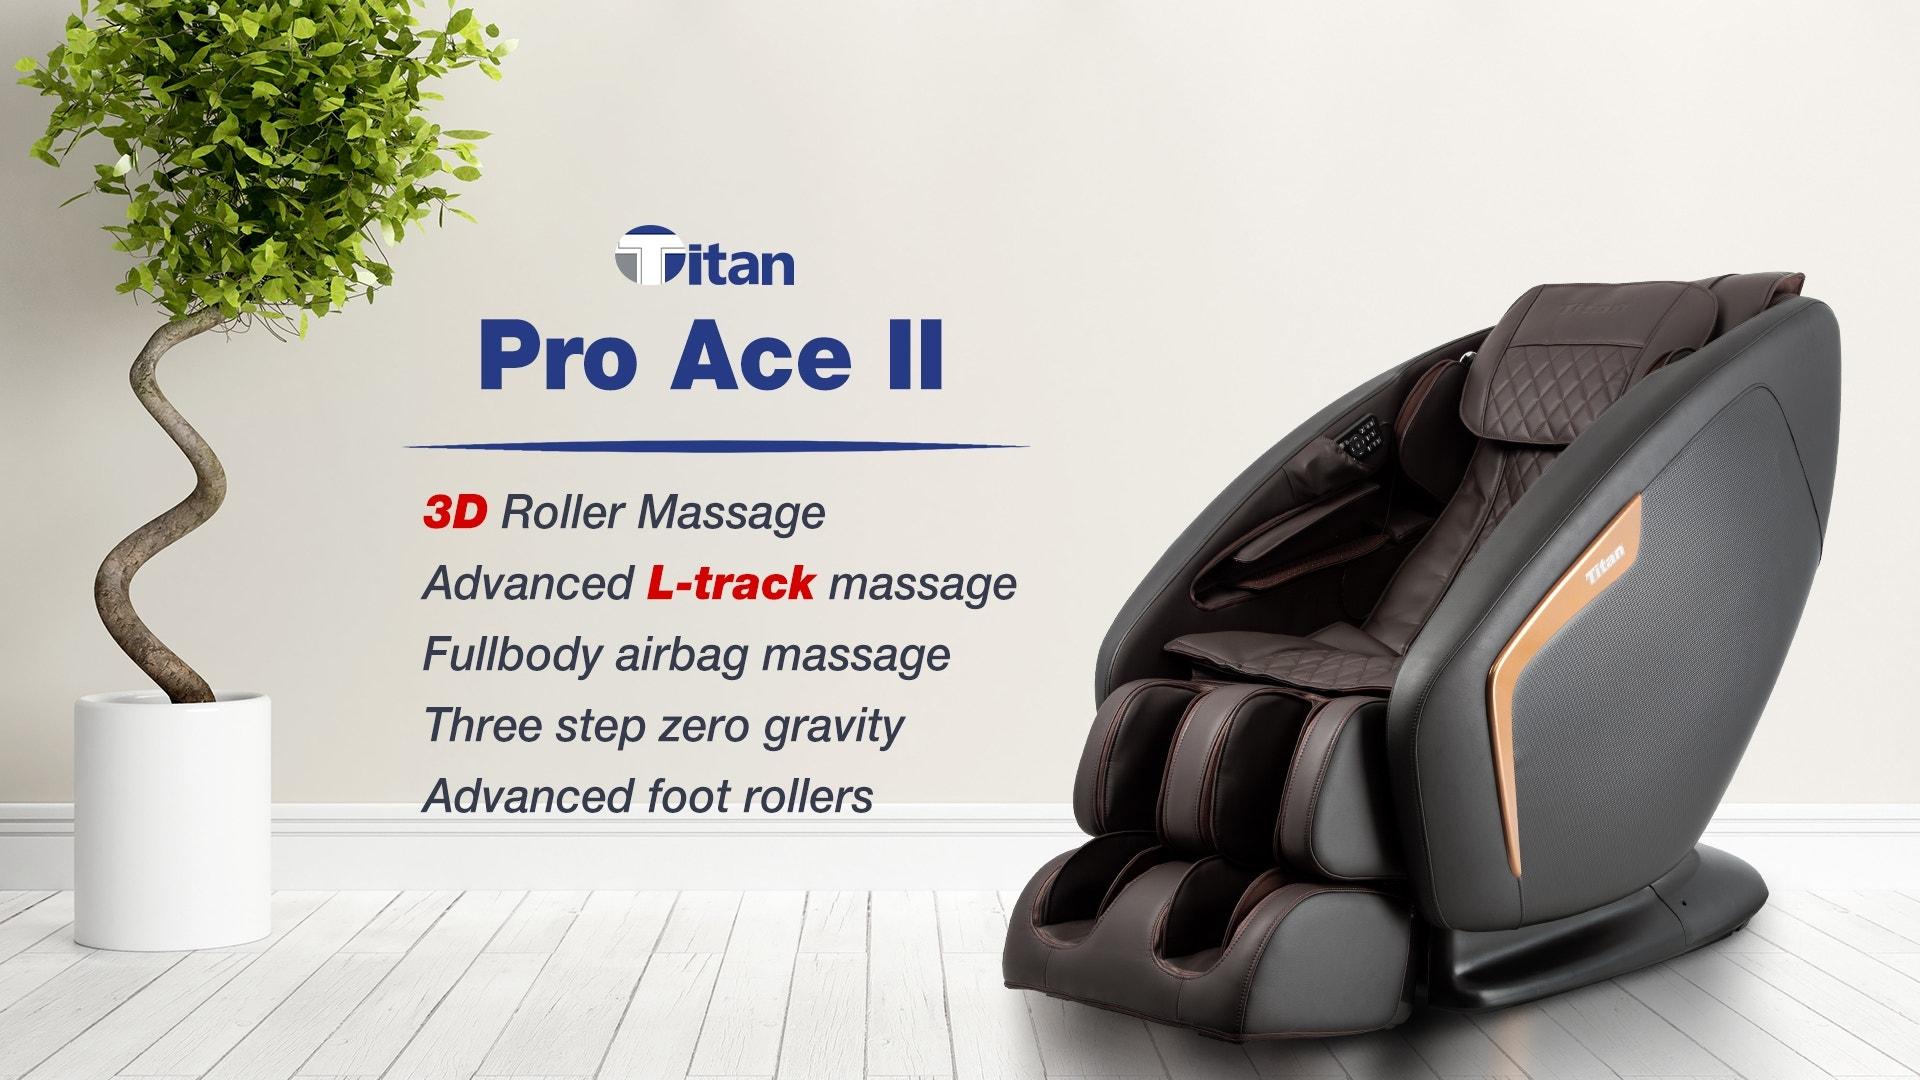 Titan Pro Ace II